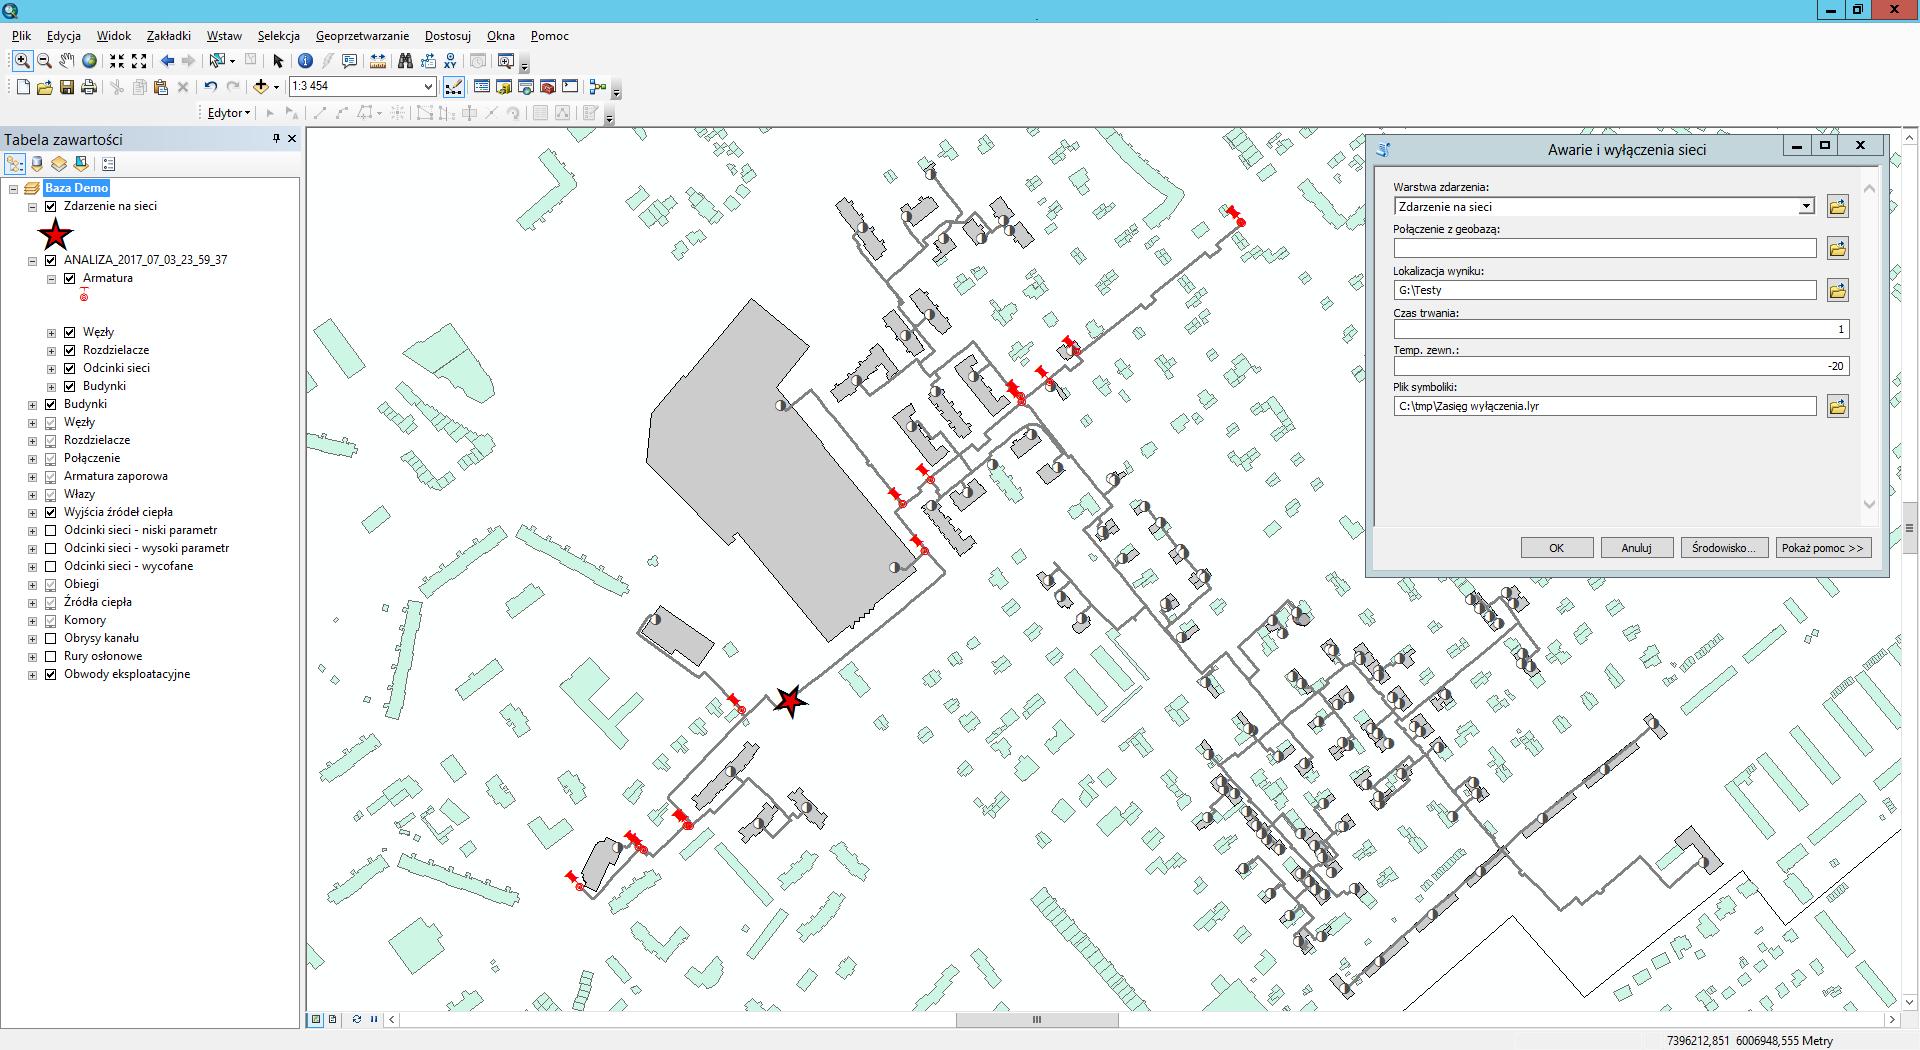 Przykład 5. Zasięg wyłączenia jako wynik analizy GIS.